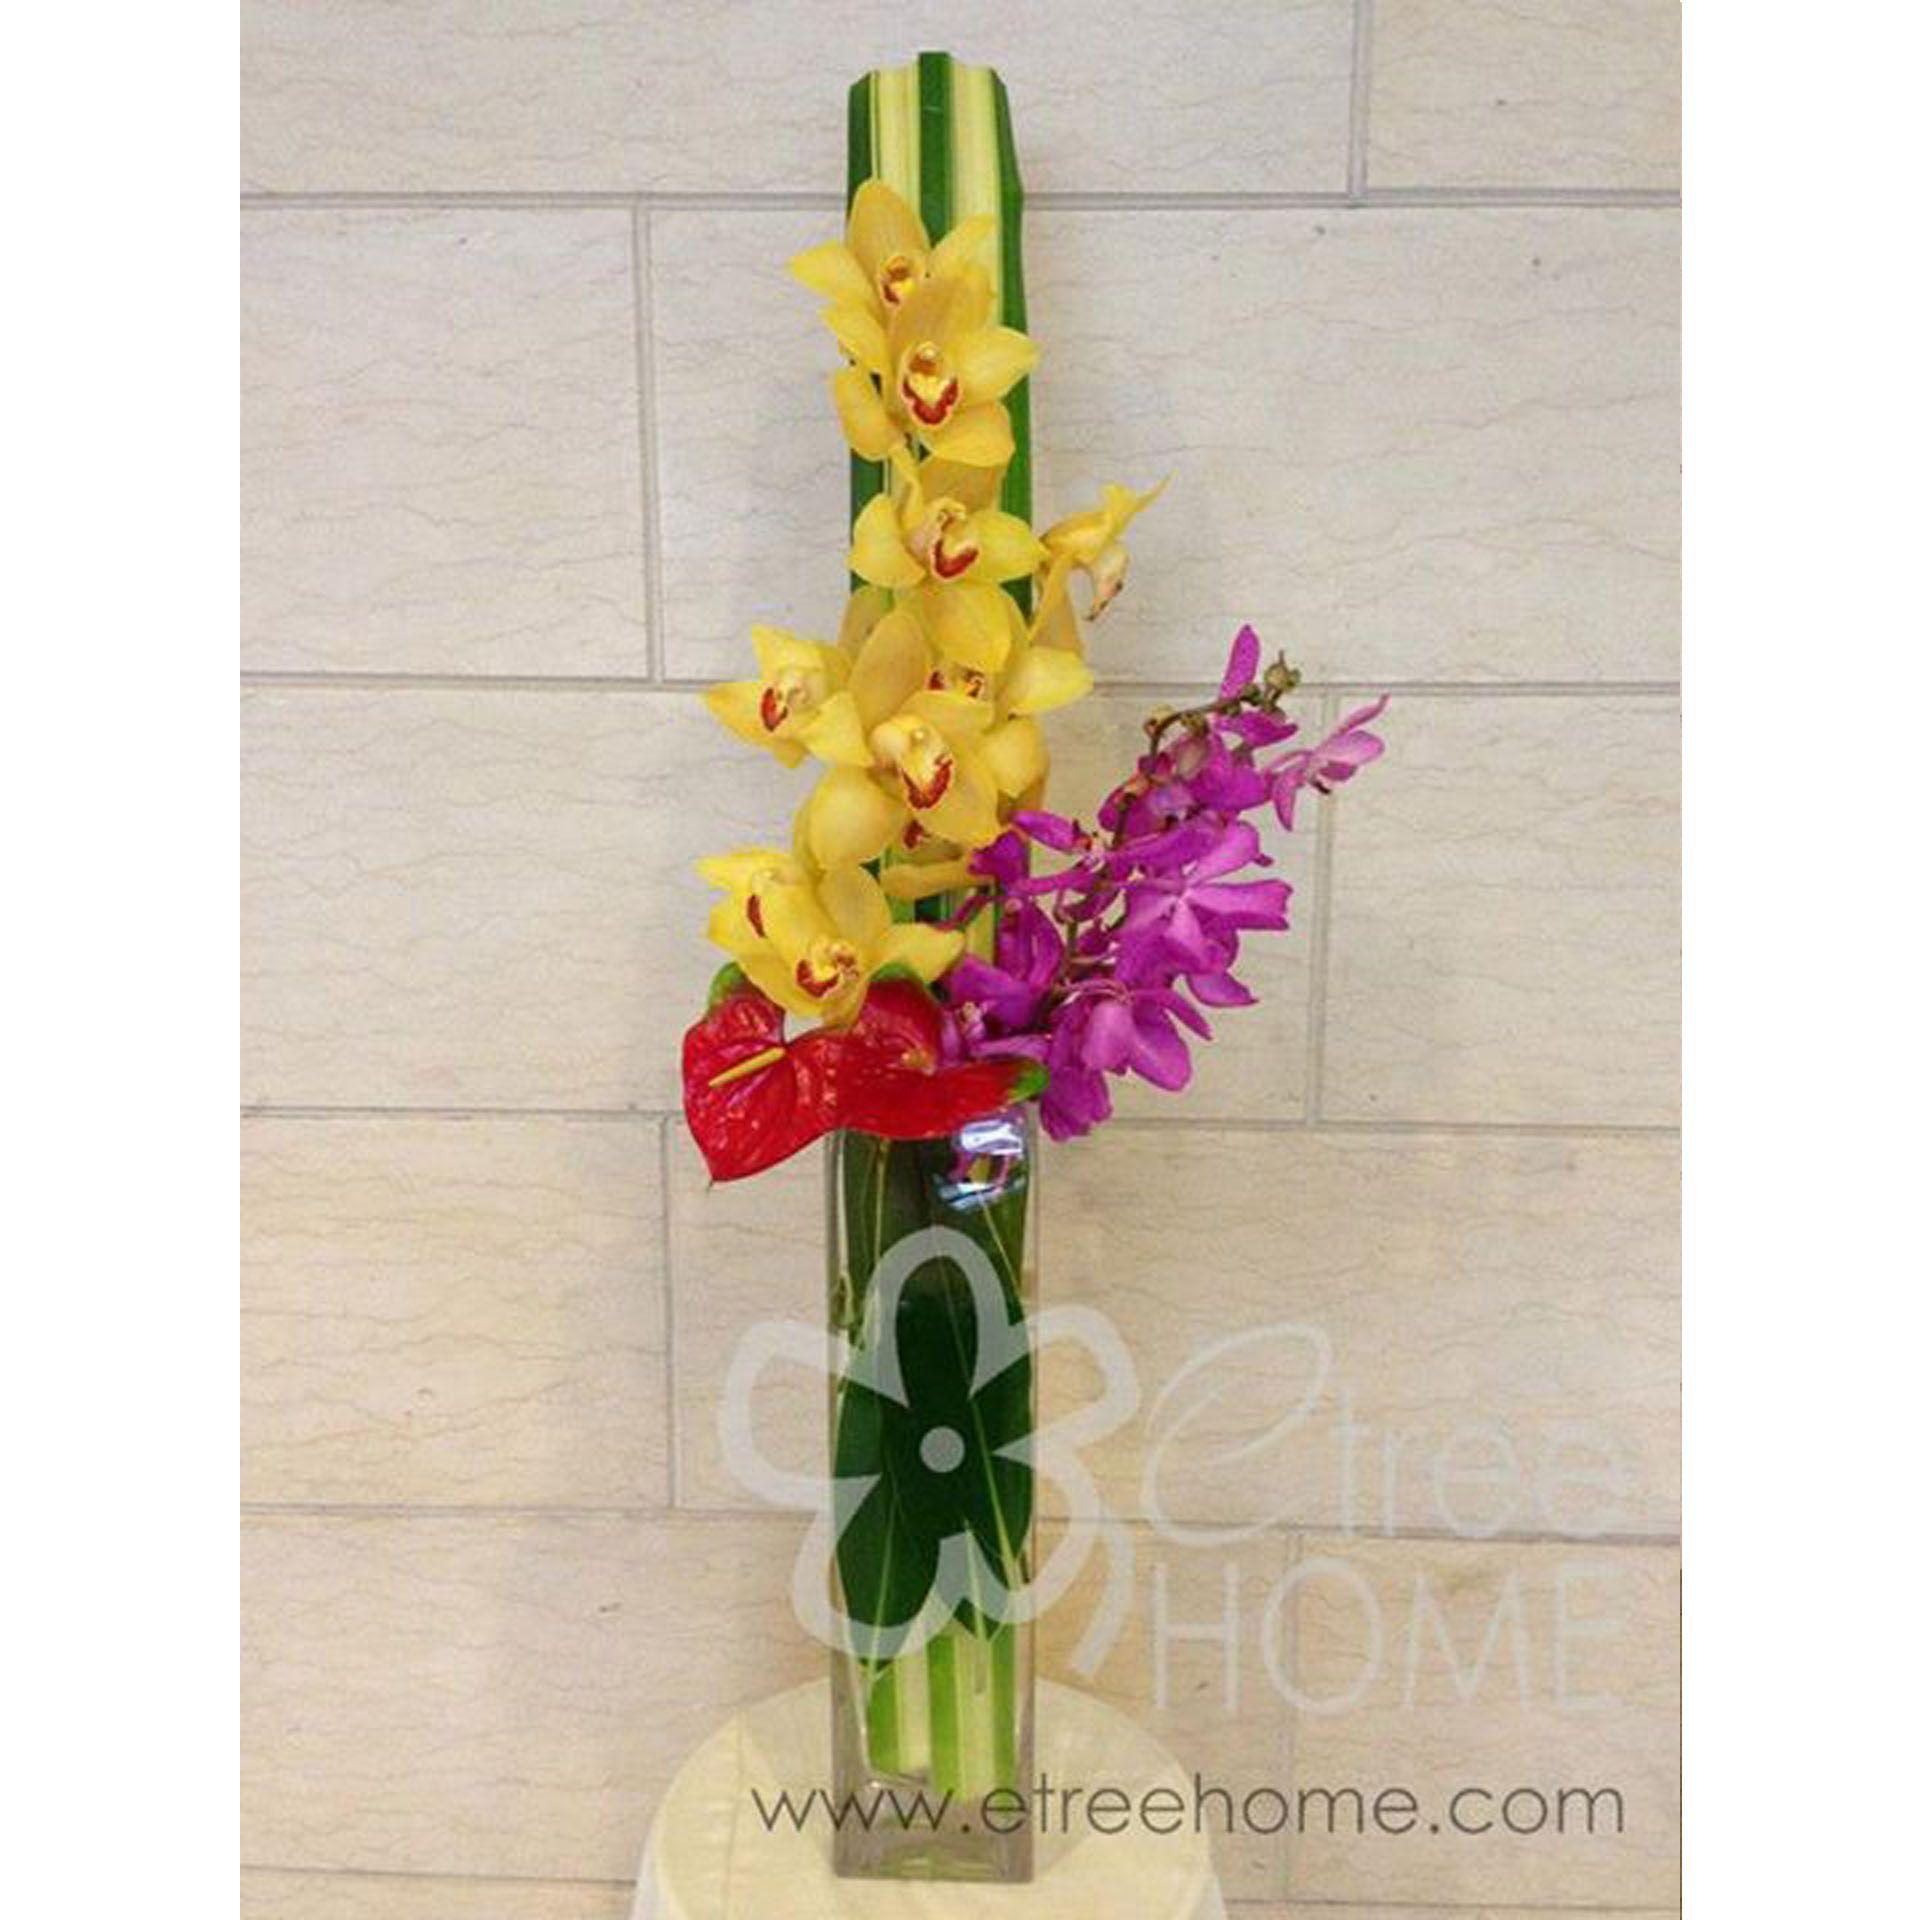 Vase Arrangement  E Tree Home Florist & Plant Rental